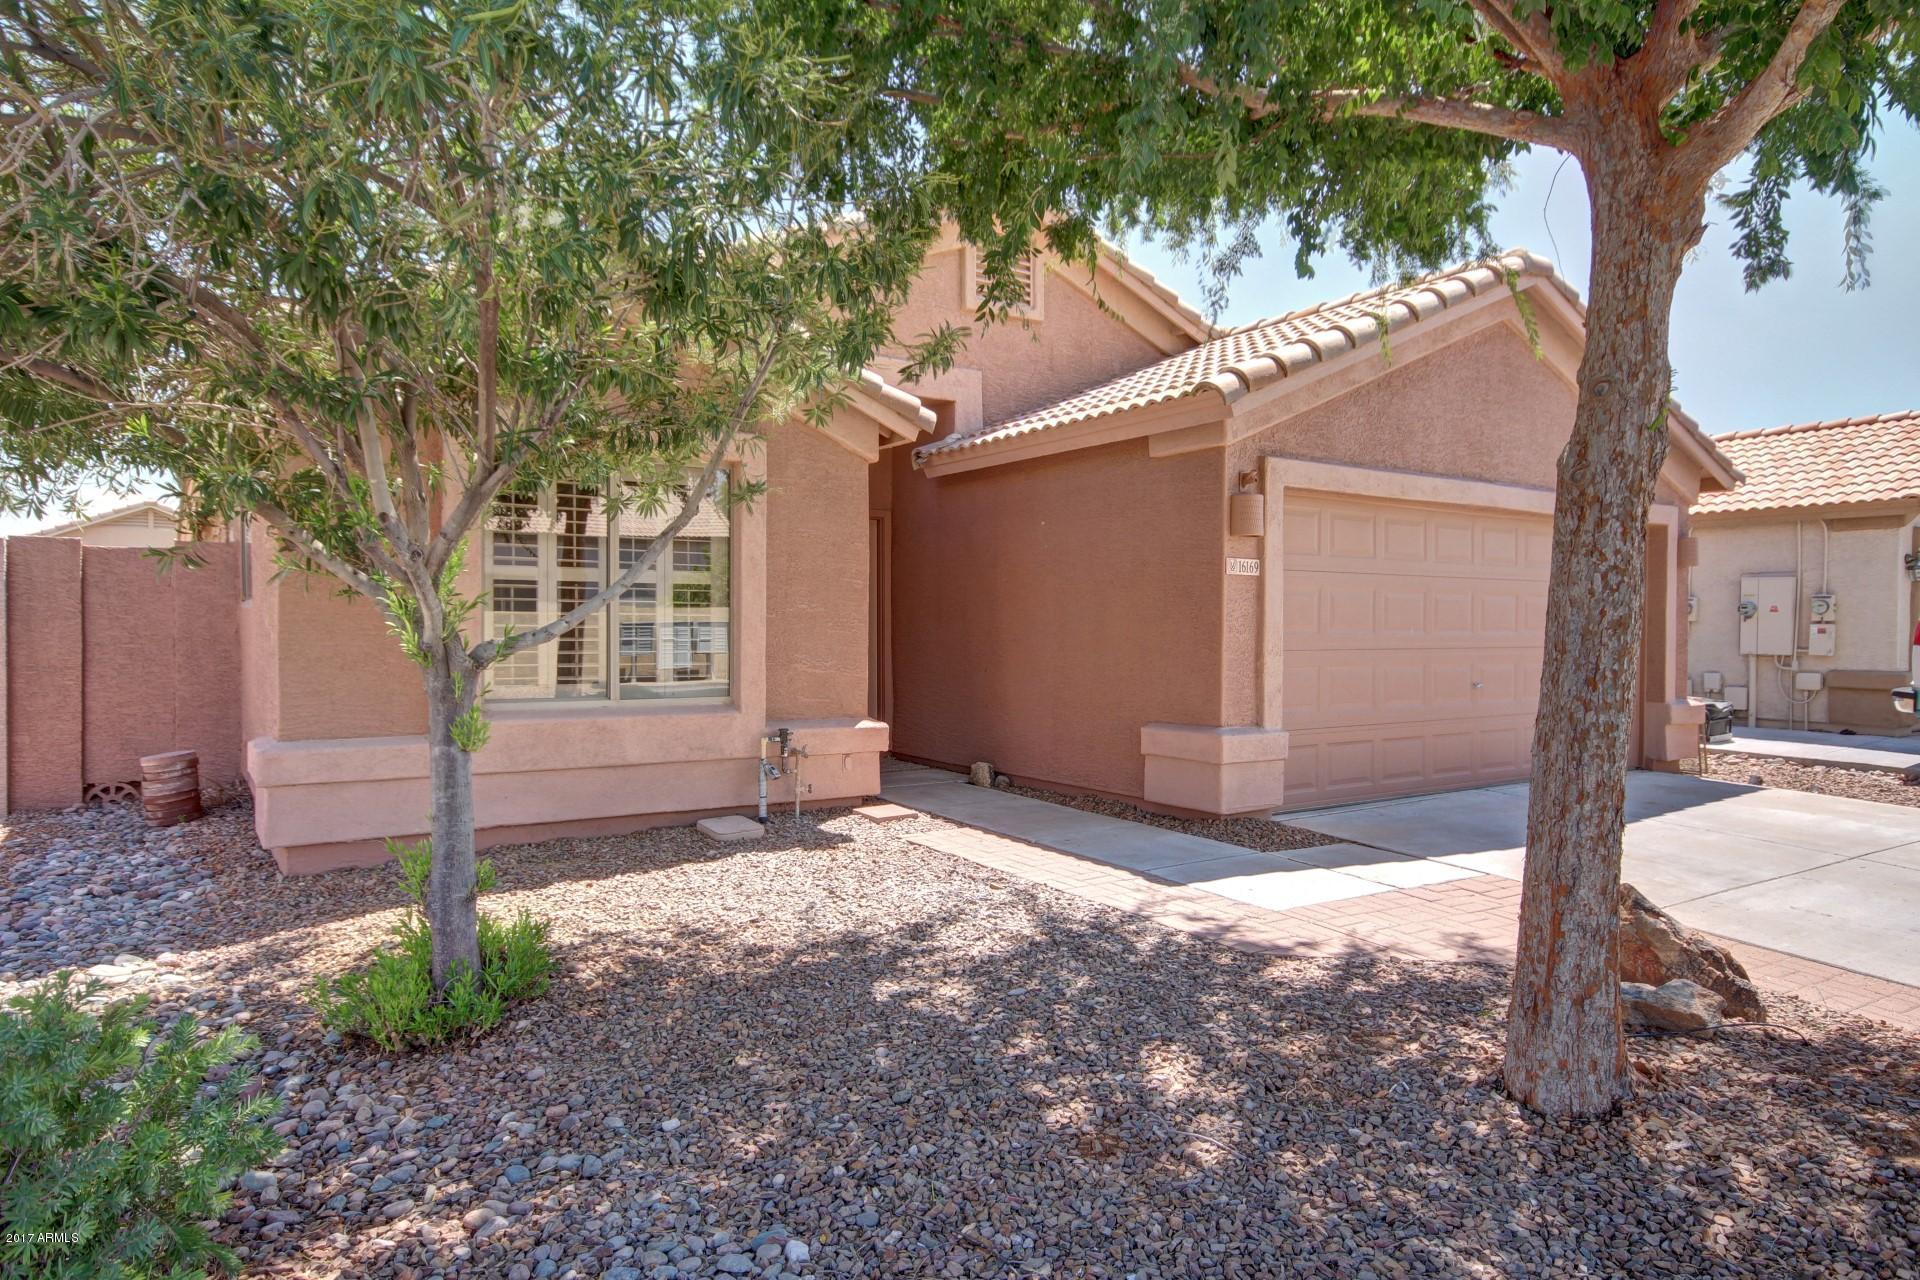 16169 W Davis  Road Surprise, AZ 85374 - img2